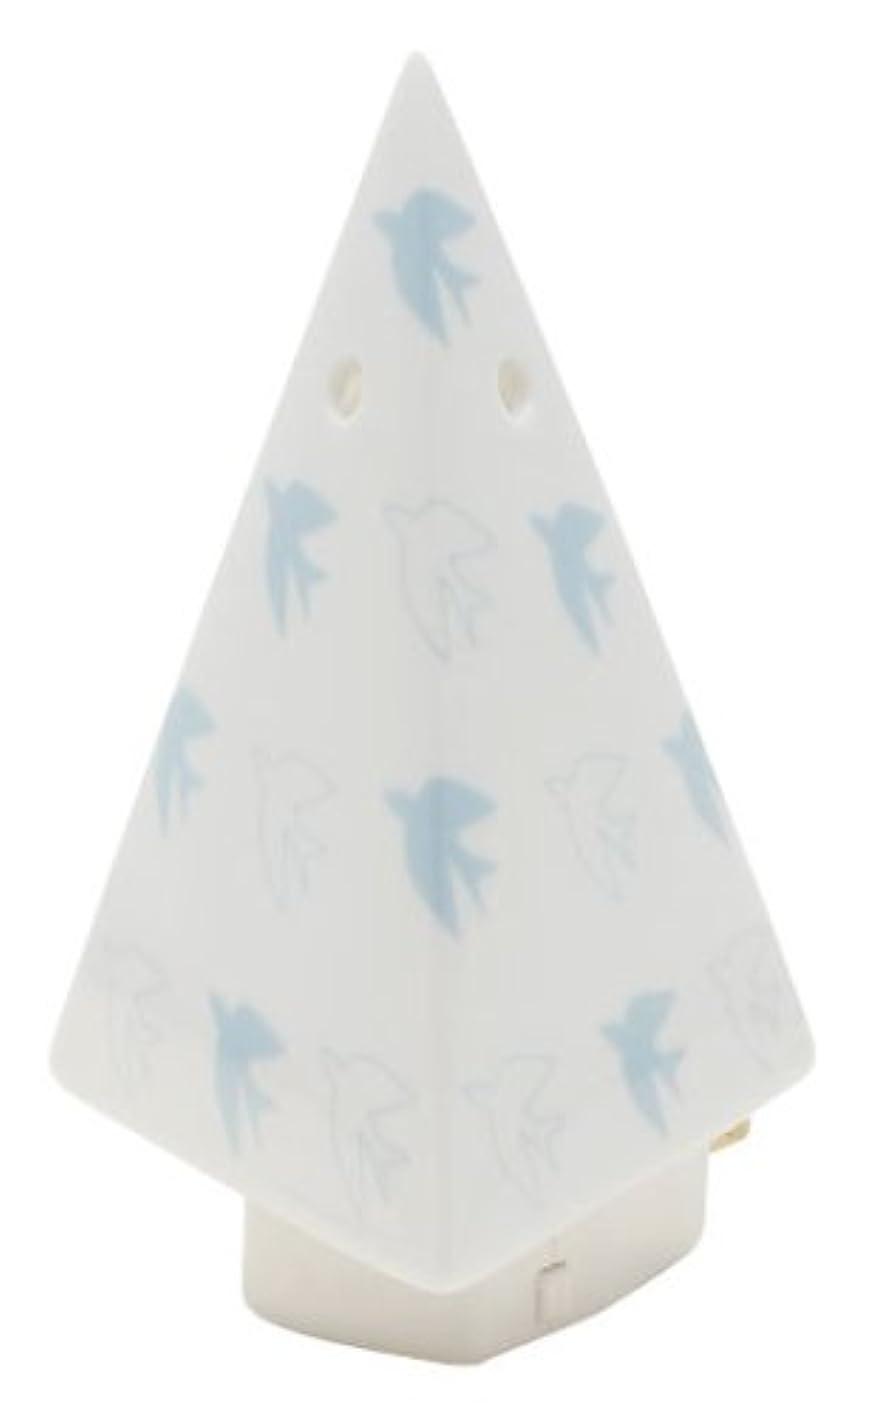 コカイン生産性クレデンシャルフリート flapflap 三角ミニライト ブルー